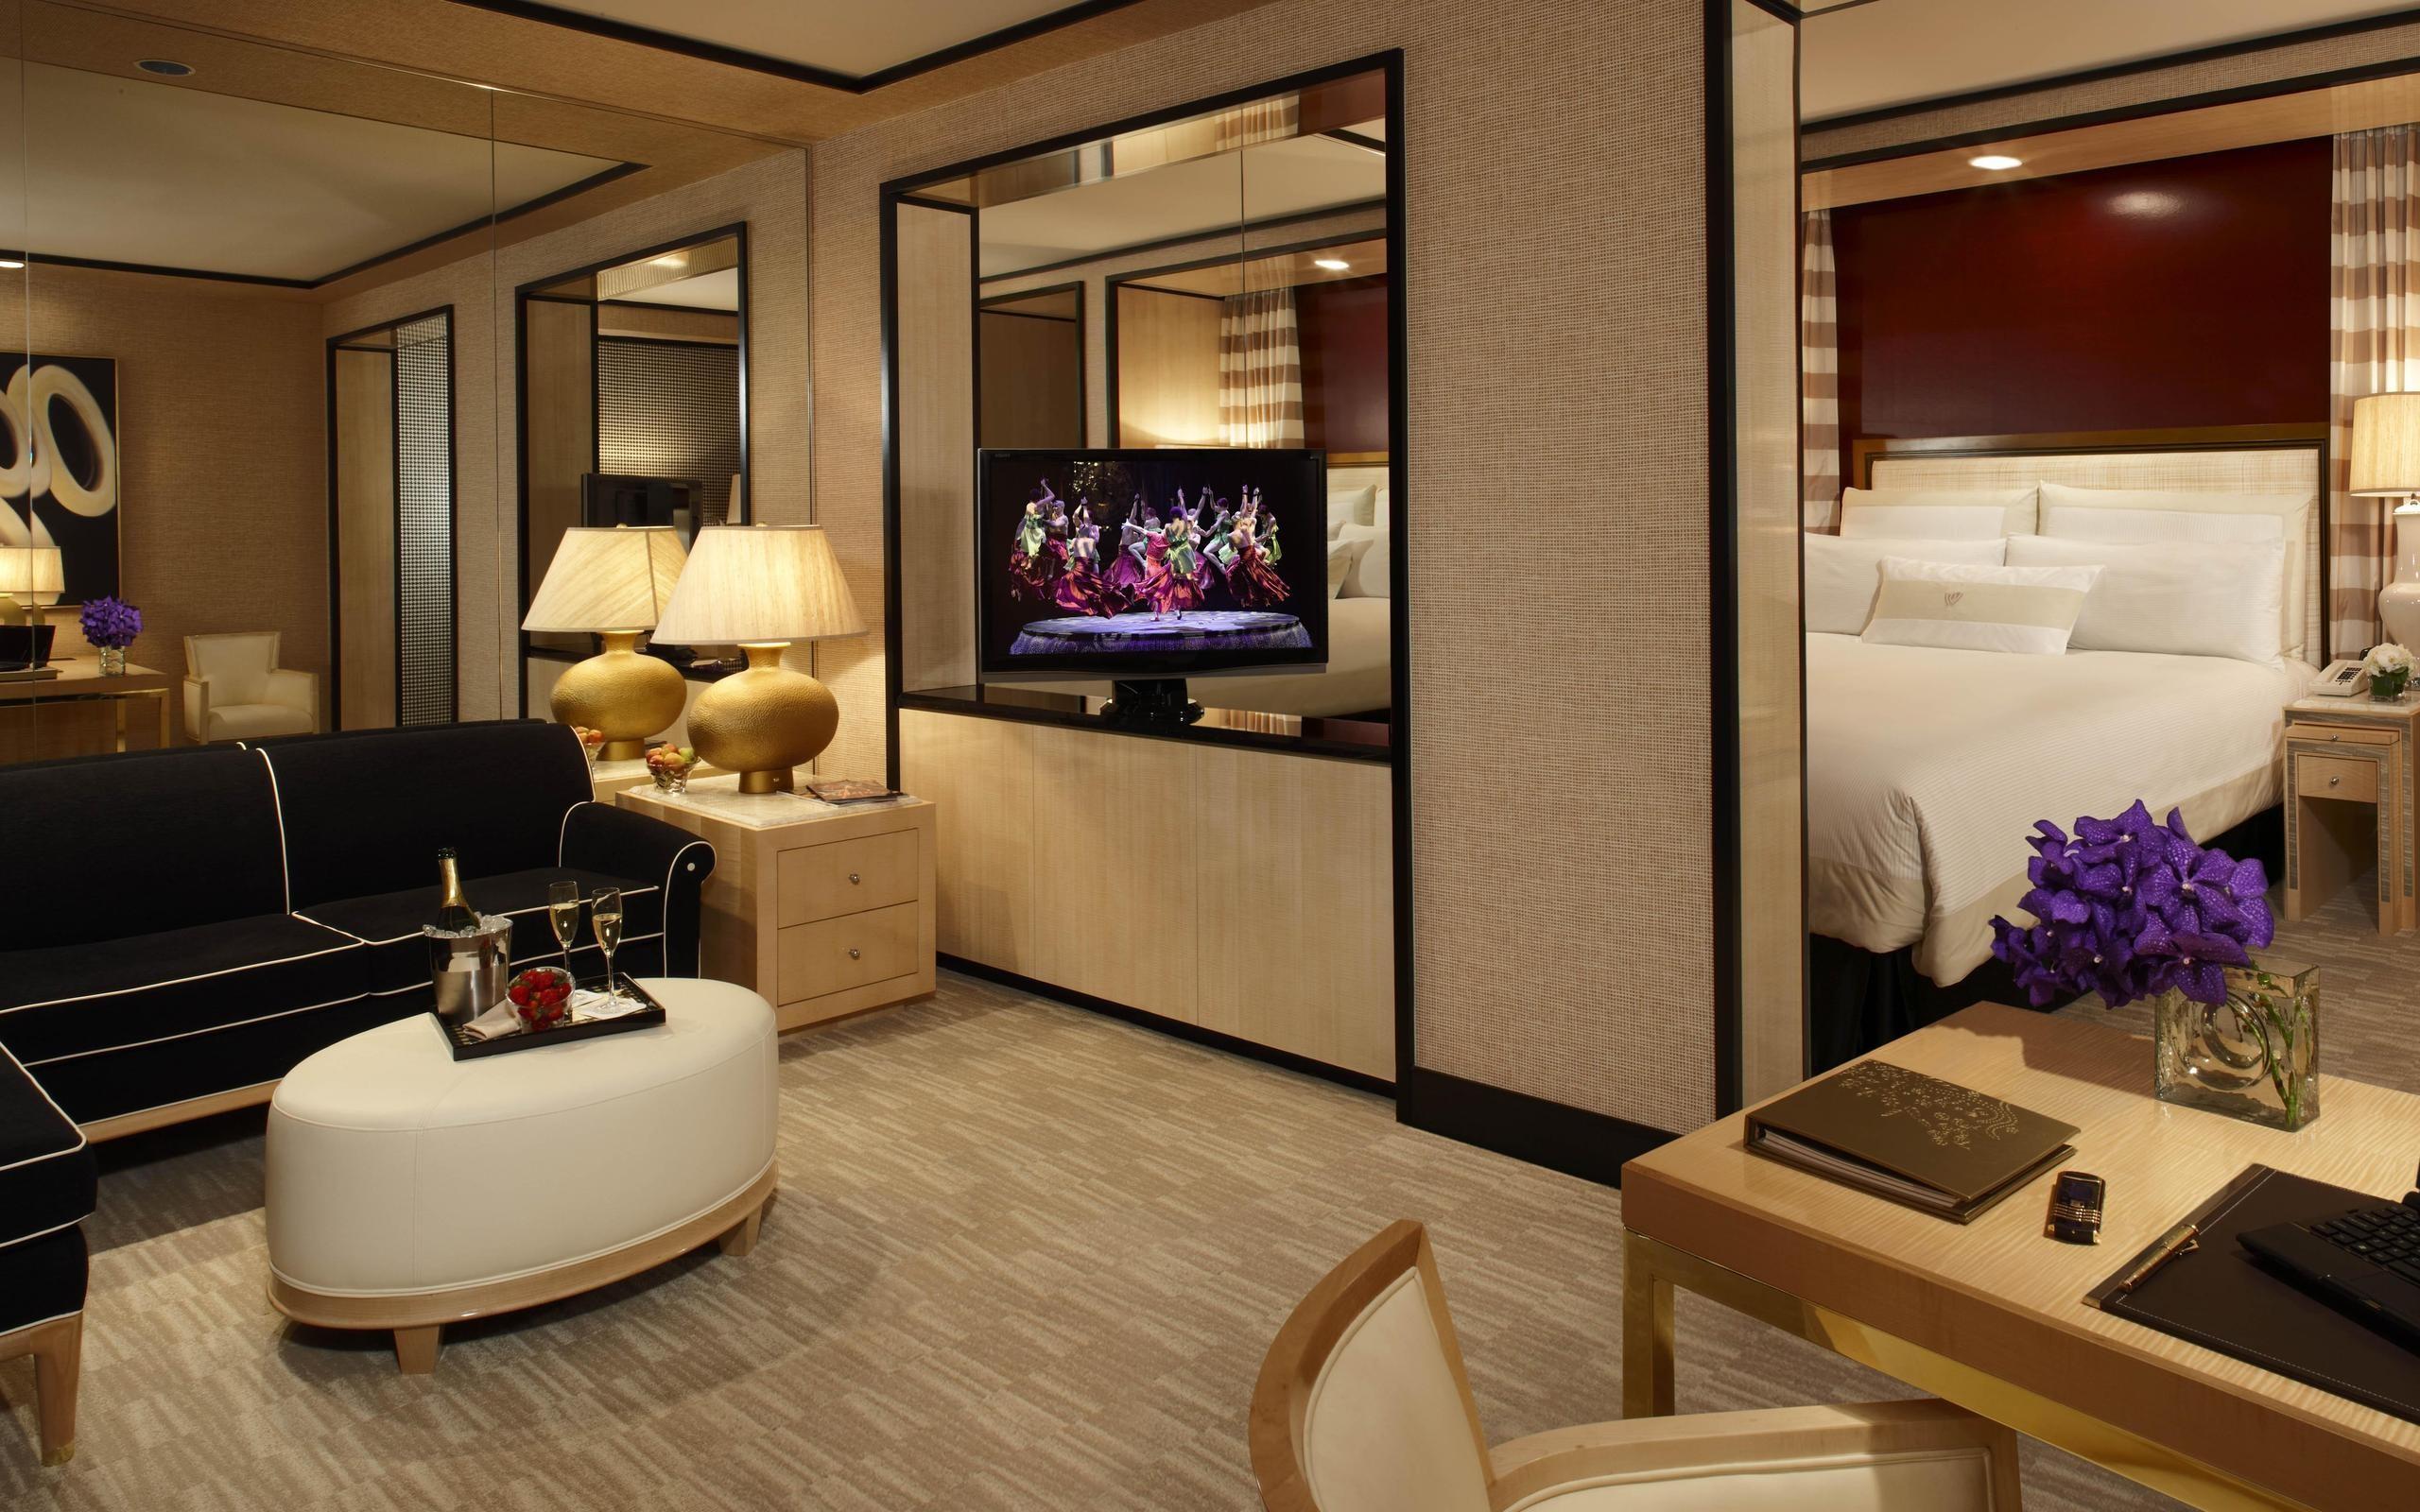 Habitación de Hotel - 2560x1600